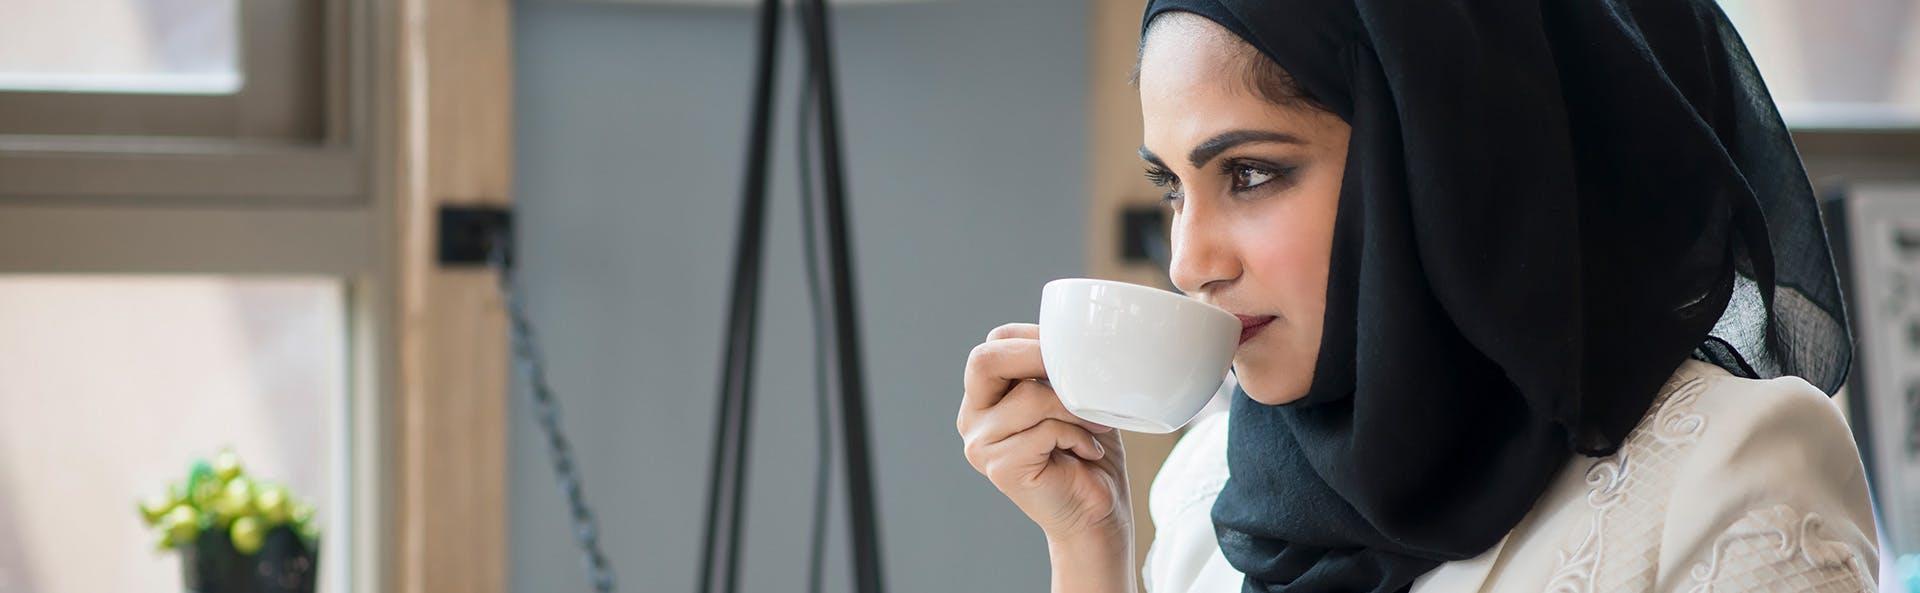 امرأة تحتسي الشاي